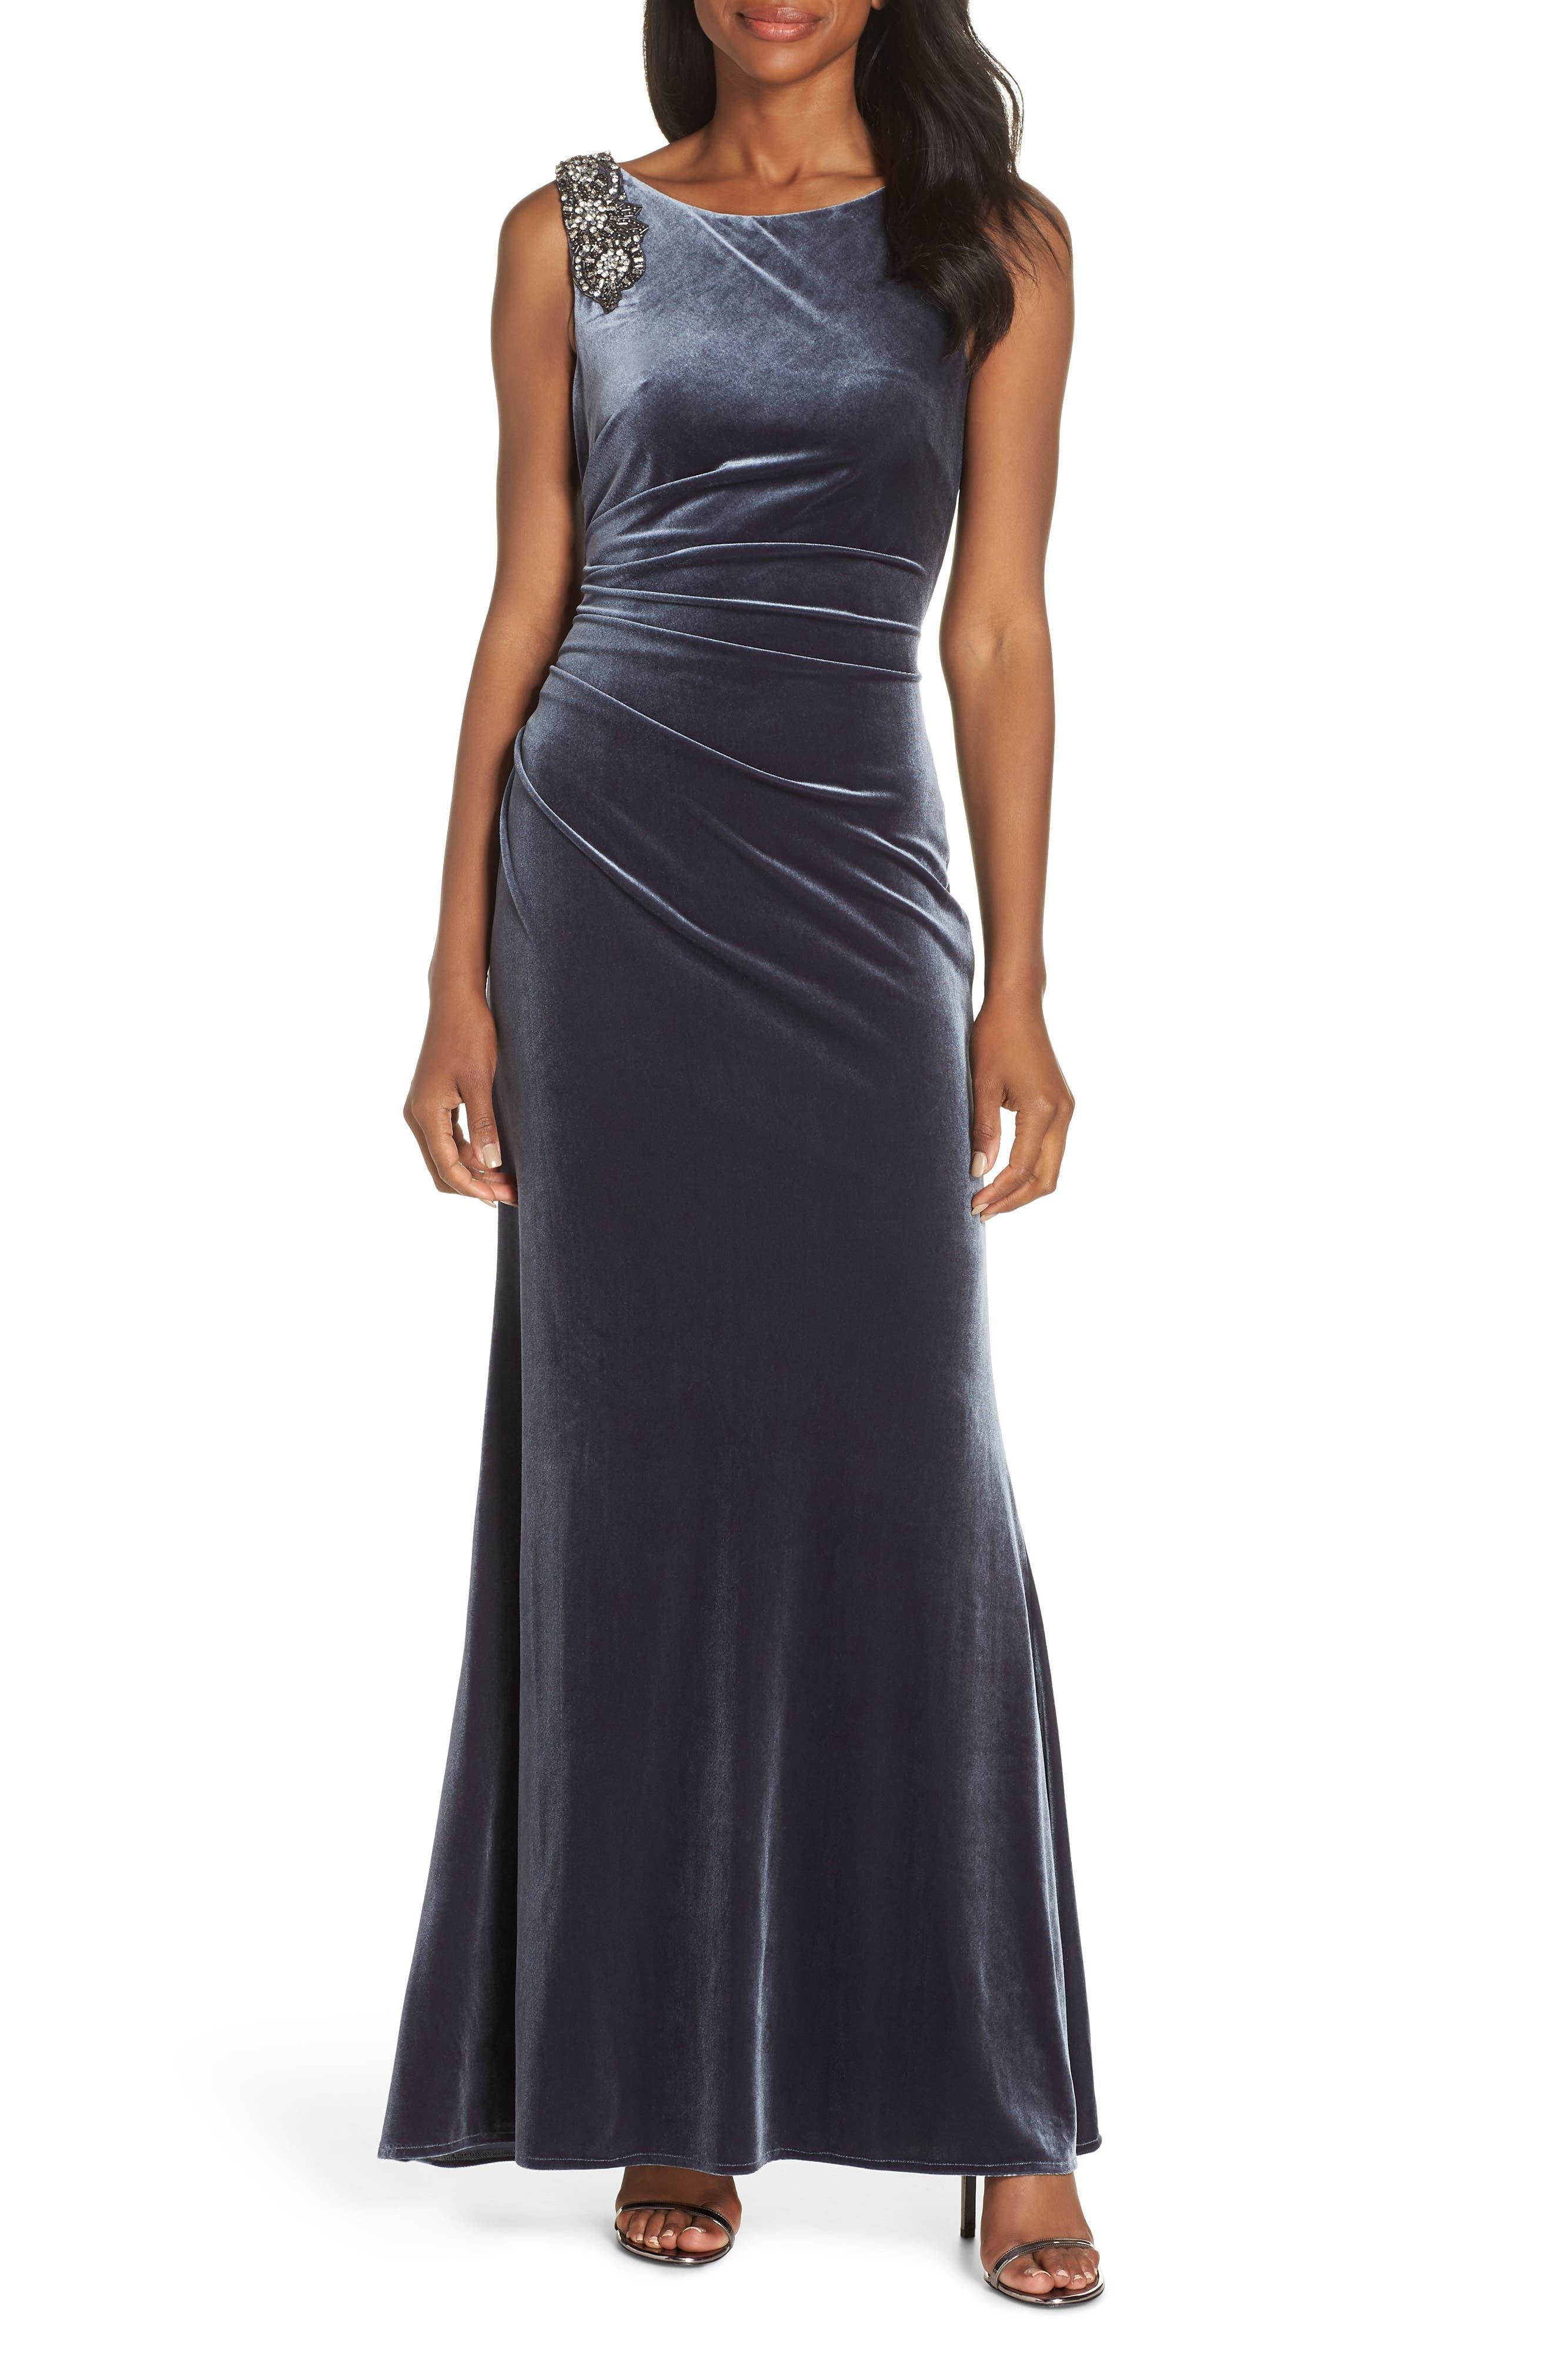 1930s Evening Dresses | Old Hollywood Dress Petite Womens Vince Camuto Embellished Gown $228.00 AT vintagedancer.com